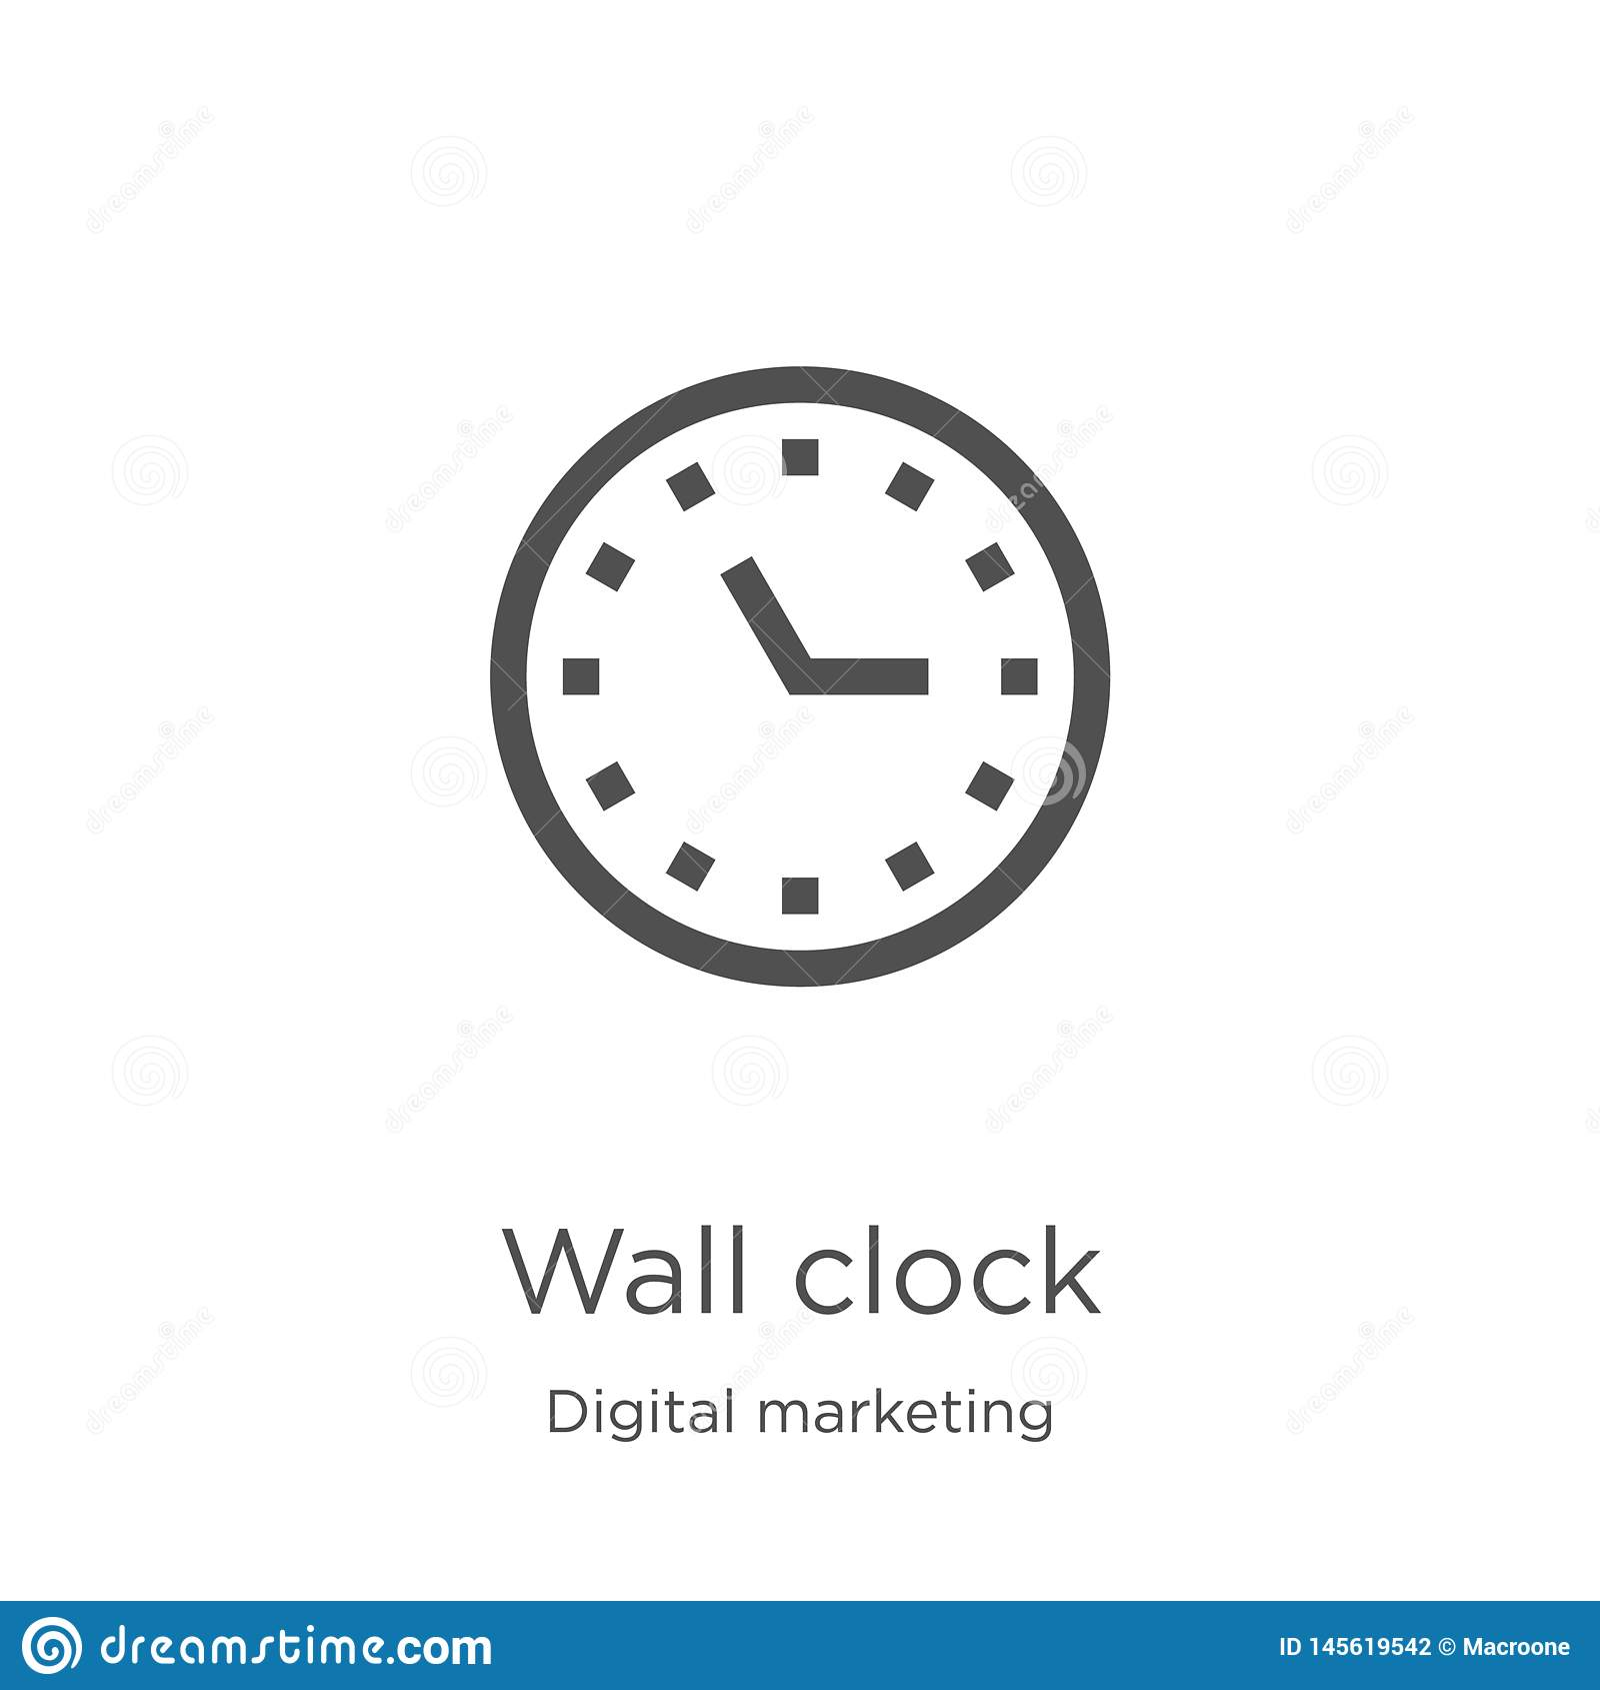 вектор значка настенных часов от цифрового выходя на рынок собрания Тонкая линия иллюстрация вектора значка плана настенных часов